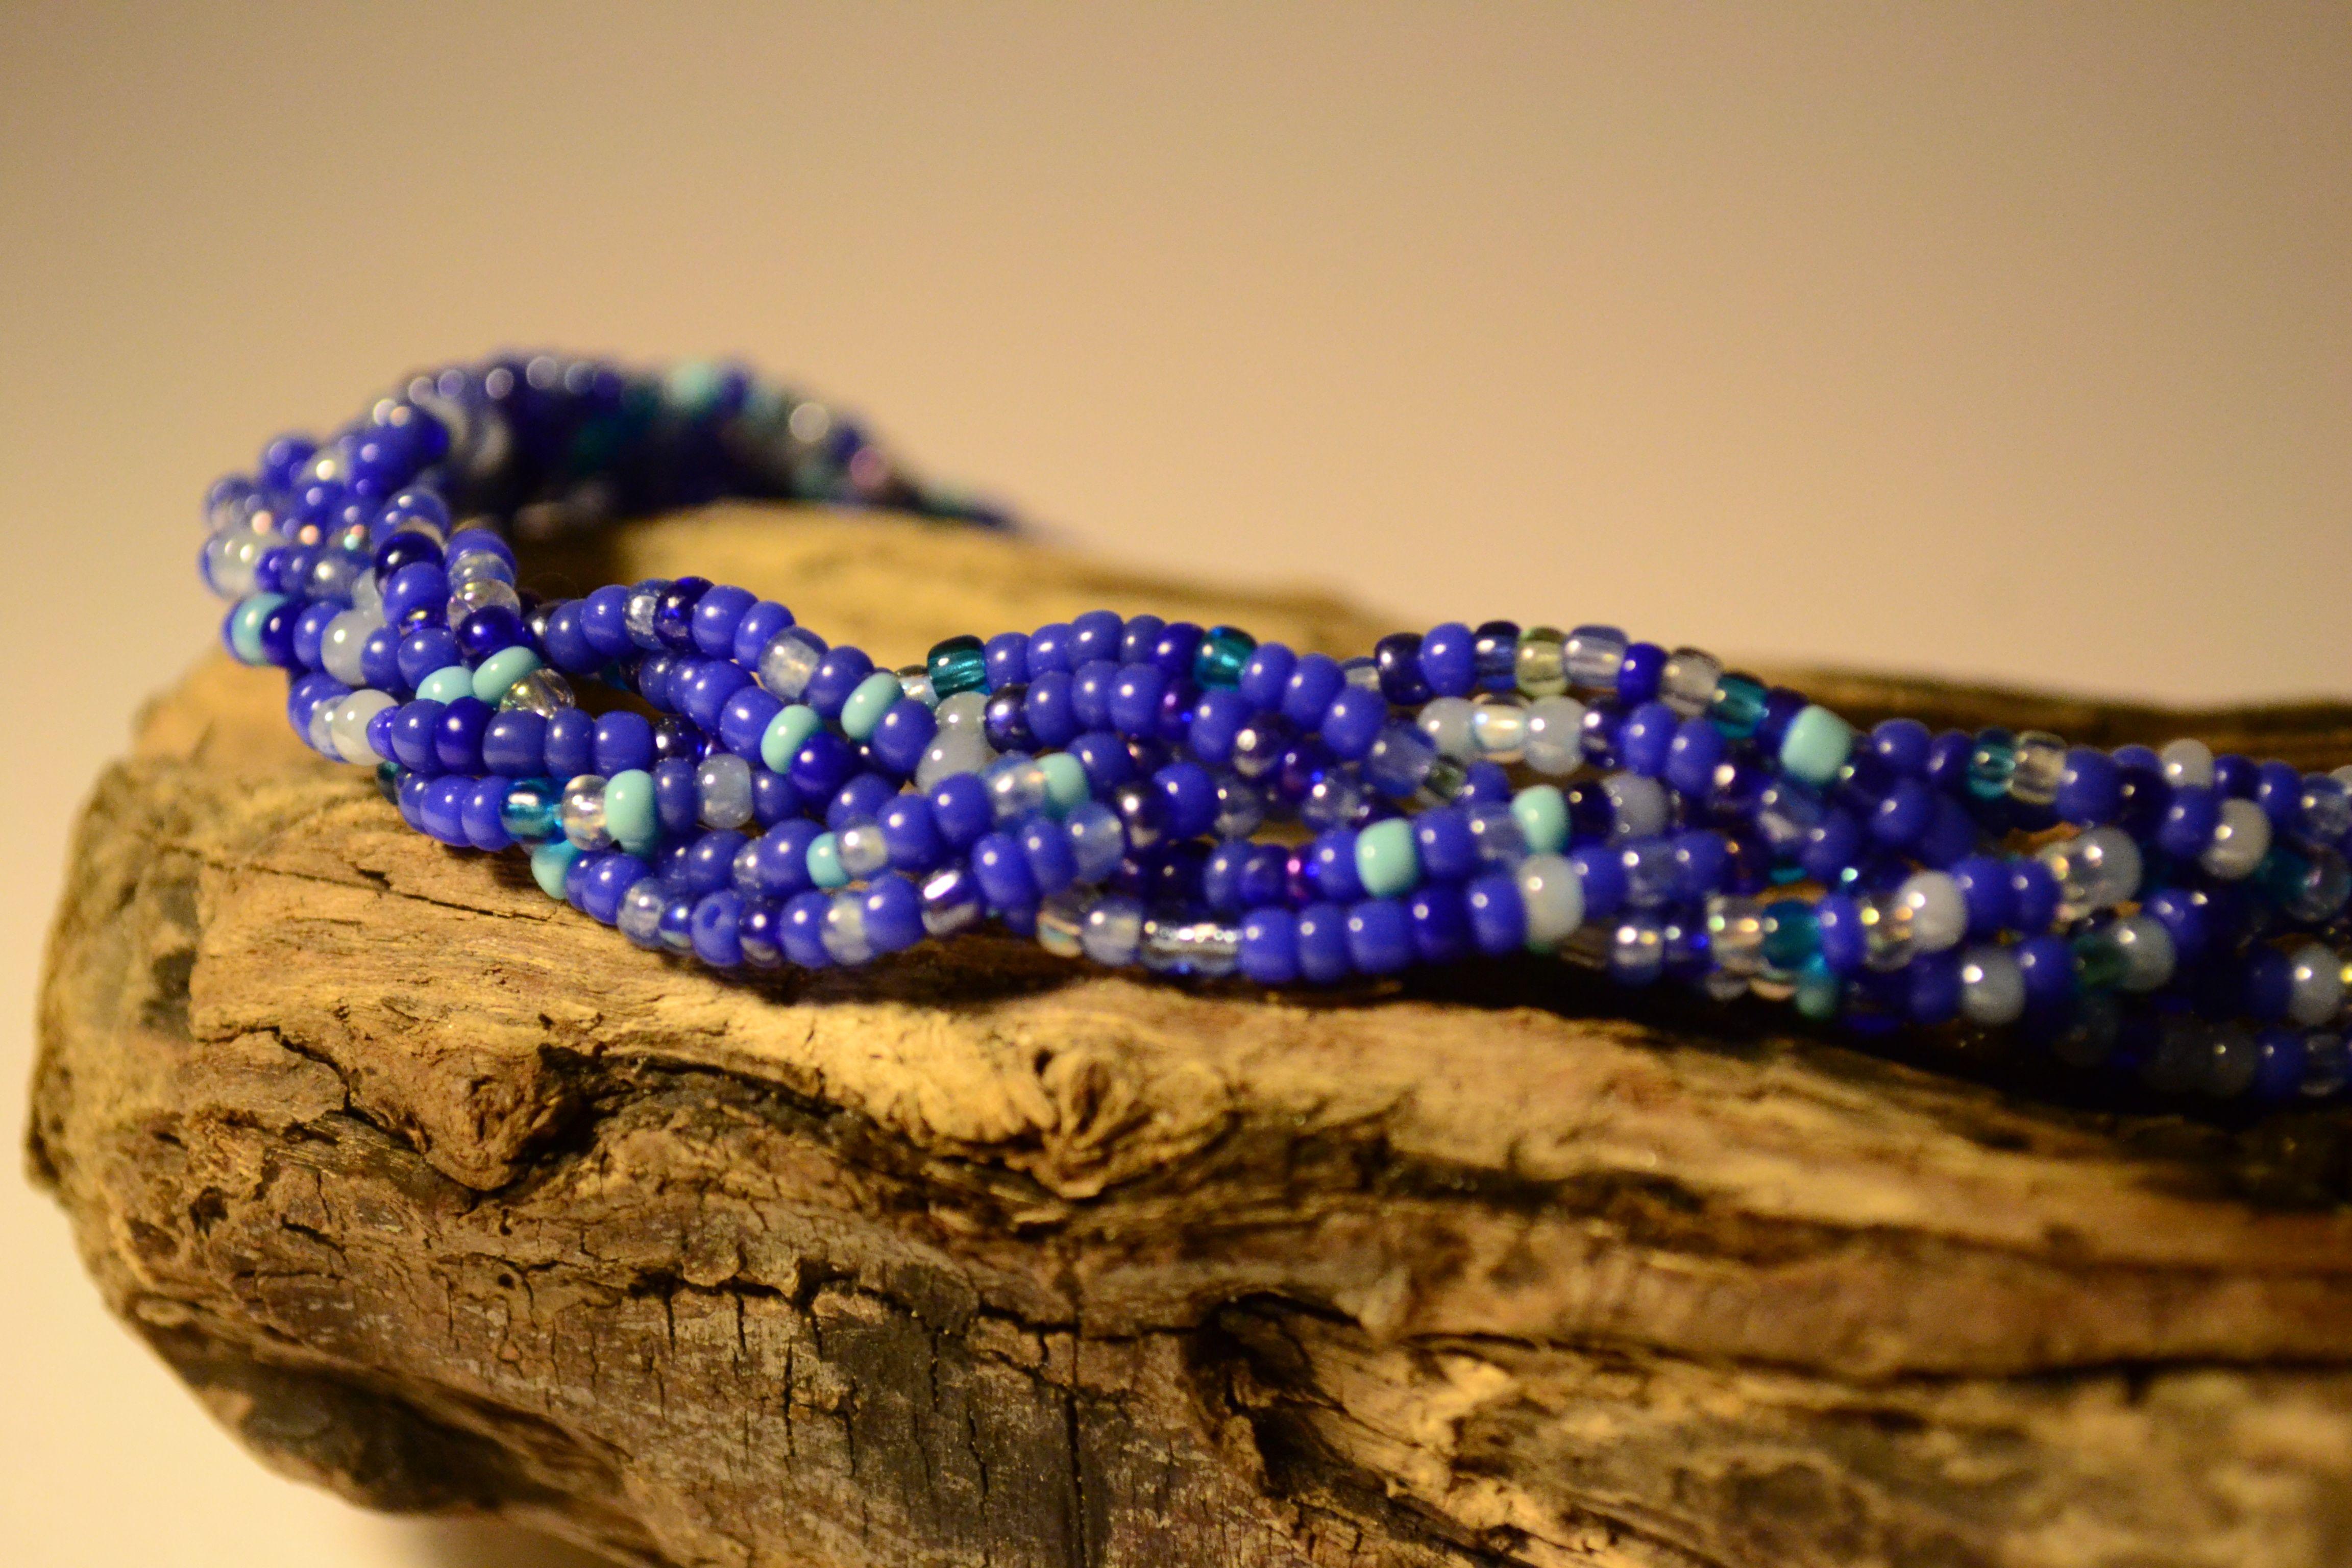 Collier tressé dans un camaïeu de perles de rocaille bleues by Golden Bat // Shop>> https://www.etsy.com/fr/listing/227169281/collier-tresse-dans-un-camaieu-de-perles?ref=shop_home_feat_4